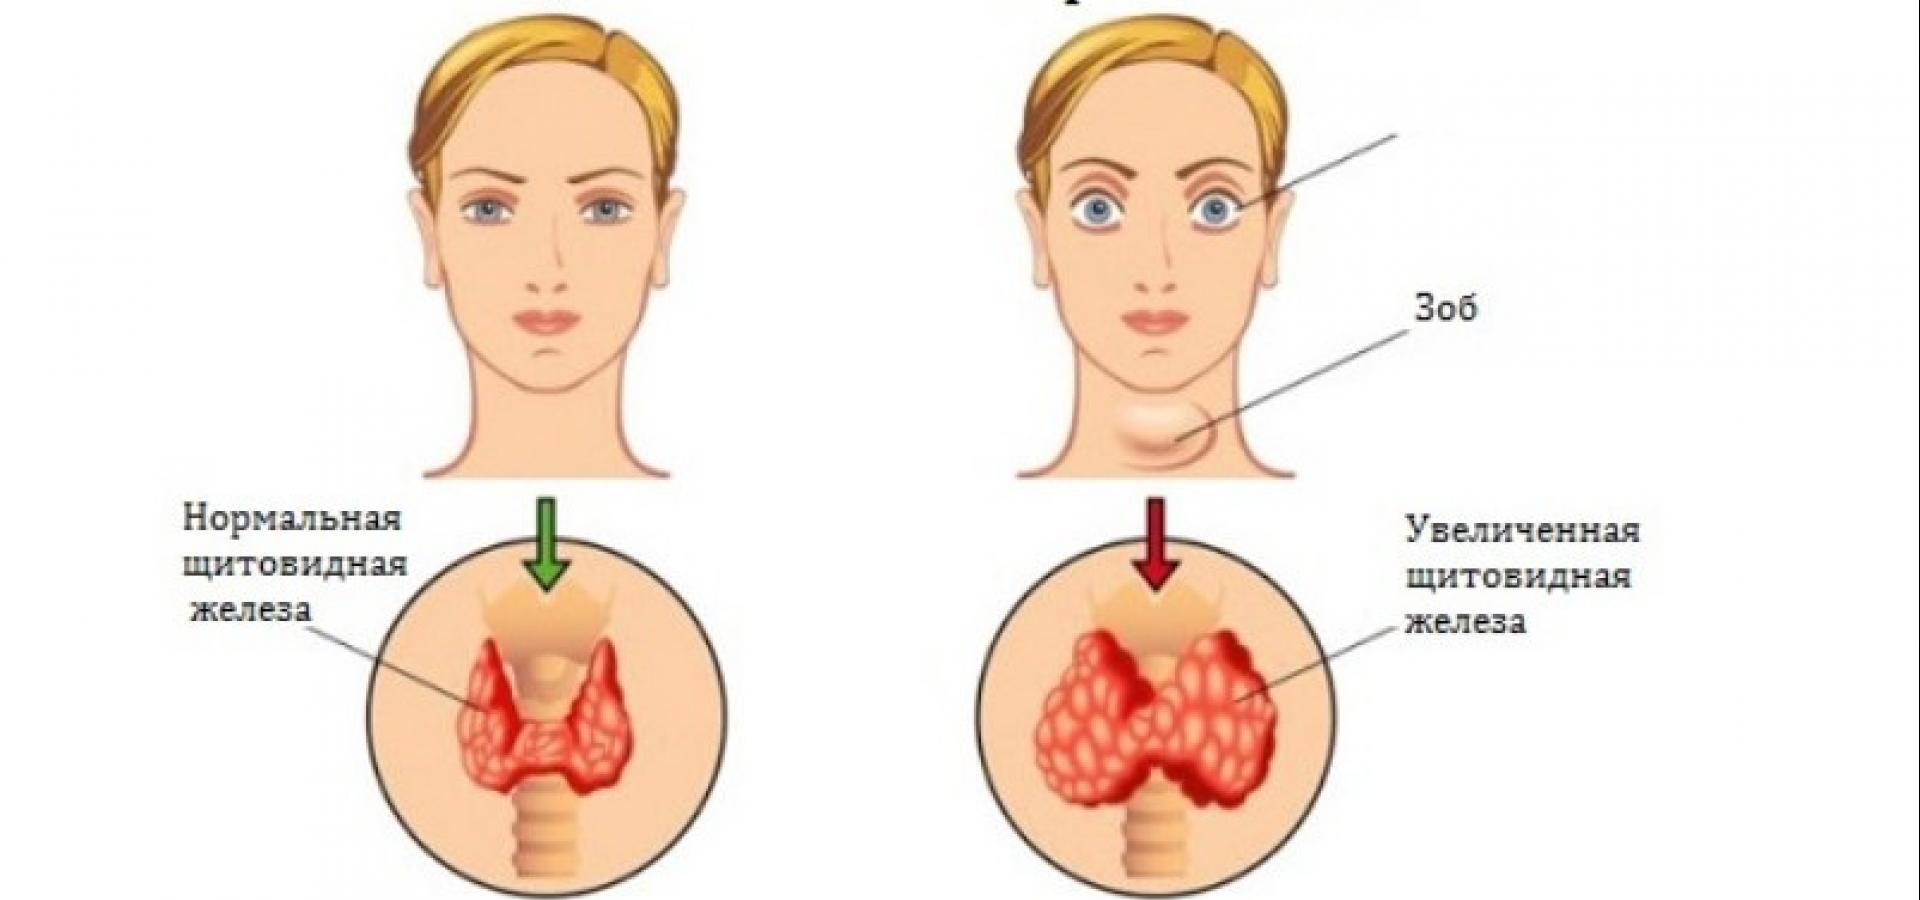 избыток гормона щитовидной железы